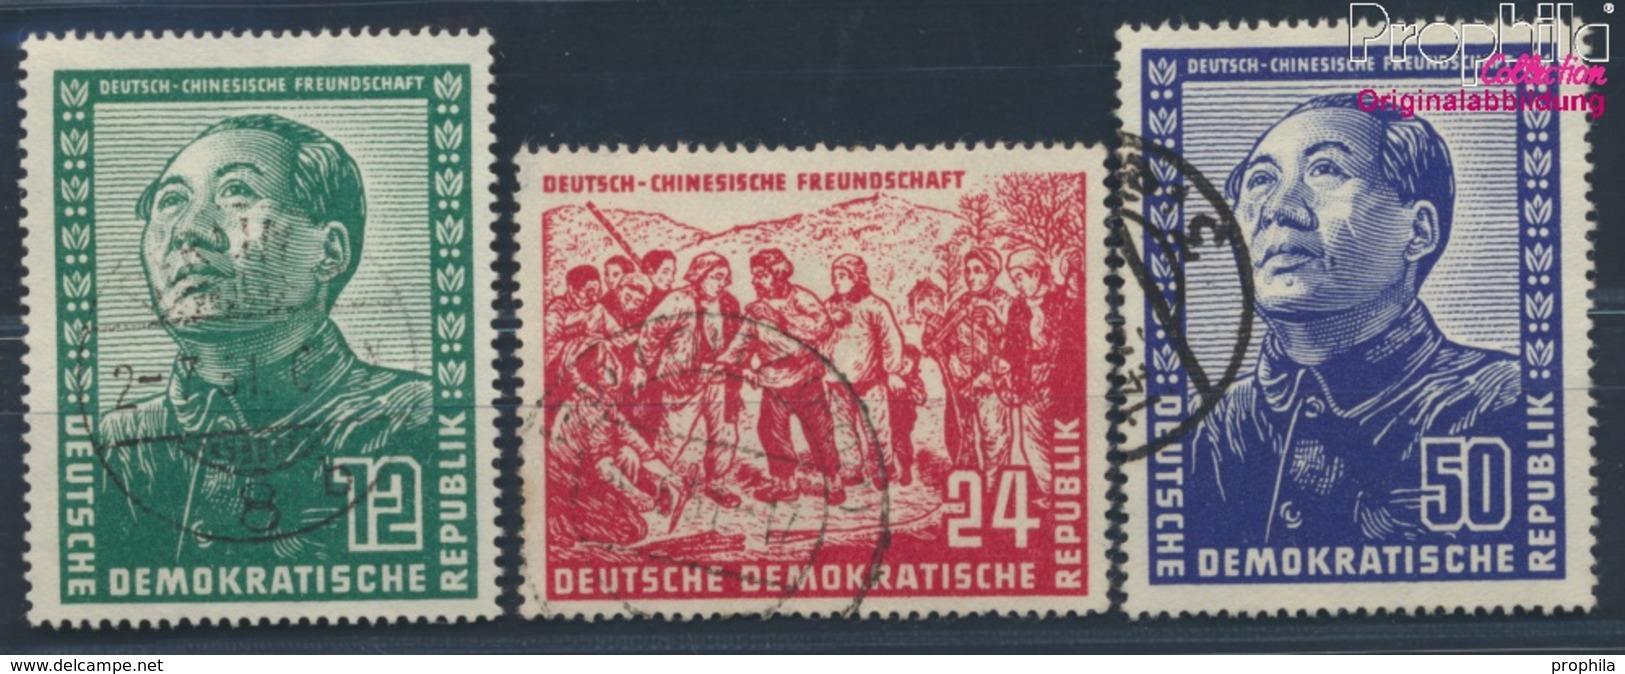 DDR 286-288 (kompl.Ausg.) Gestempelt 1951 Deutsch-chinesische Freundschaft (8830798 - Gebraucht